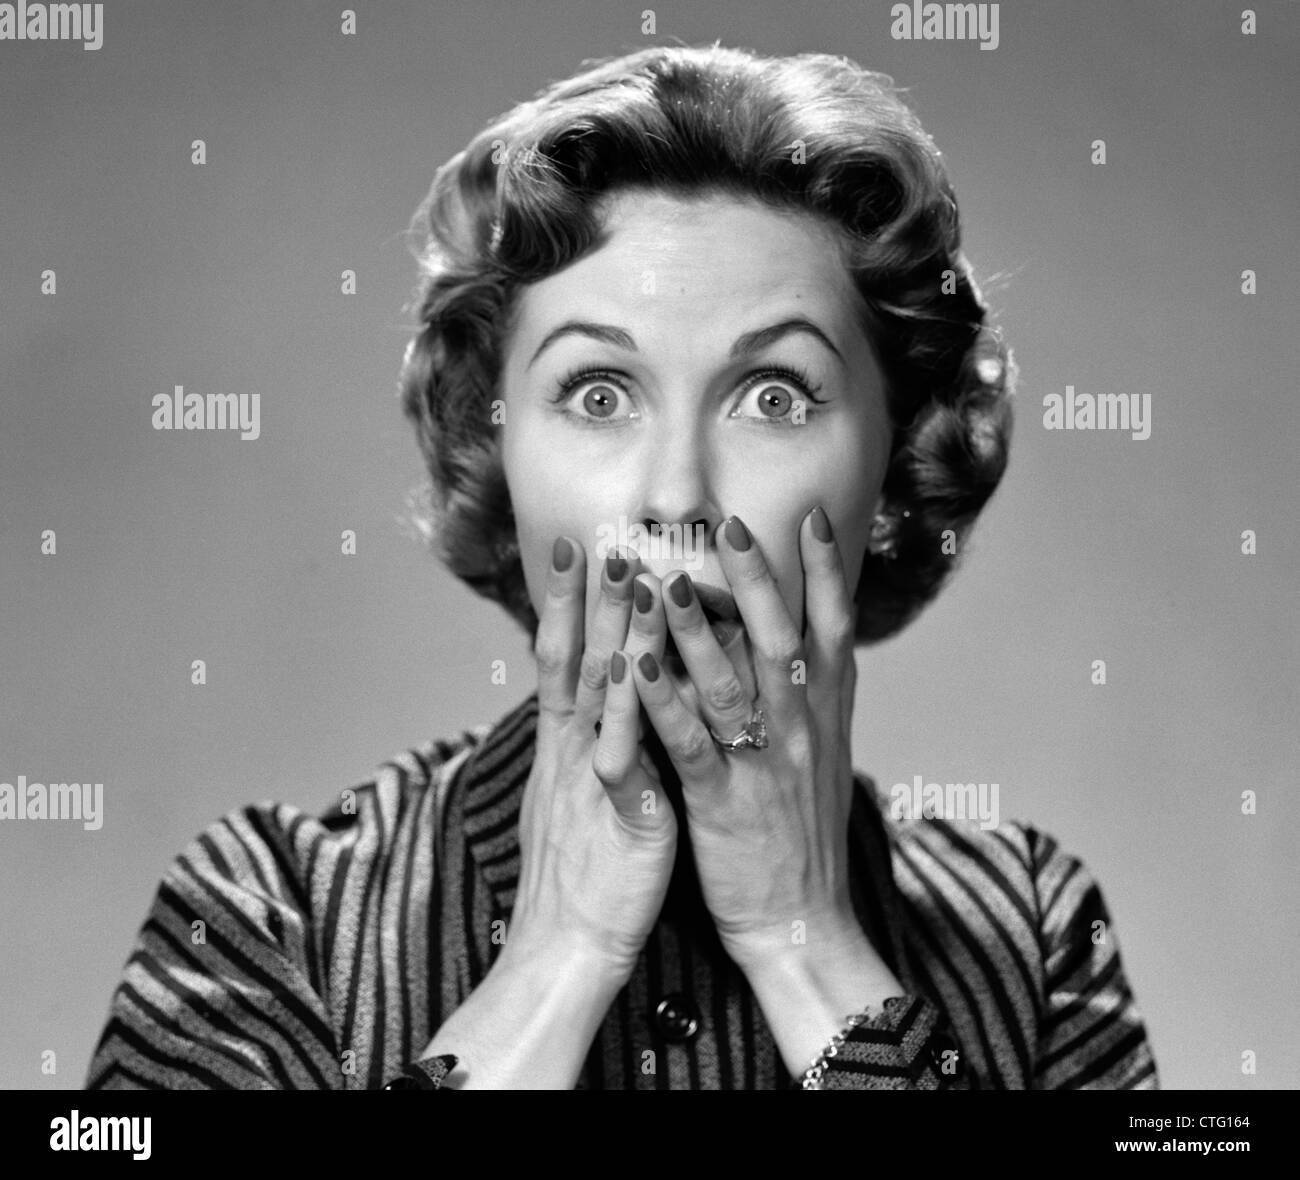 Anni Cinquanta ritratto di donna IN ABITO A RIGHE le mani per bocca con espressione sconvolta guardando la fotocamera Immagini Stock